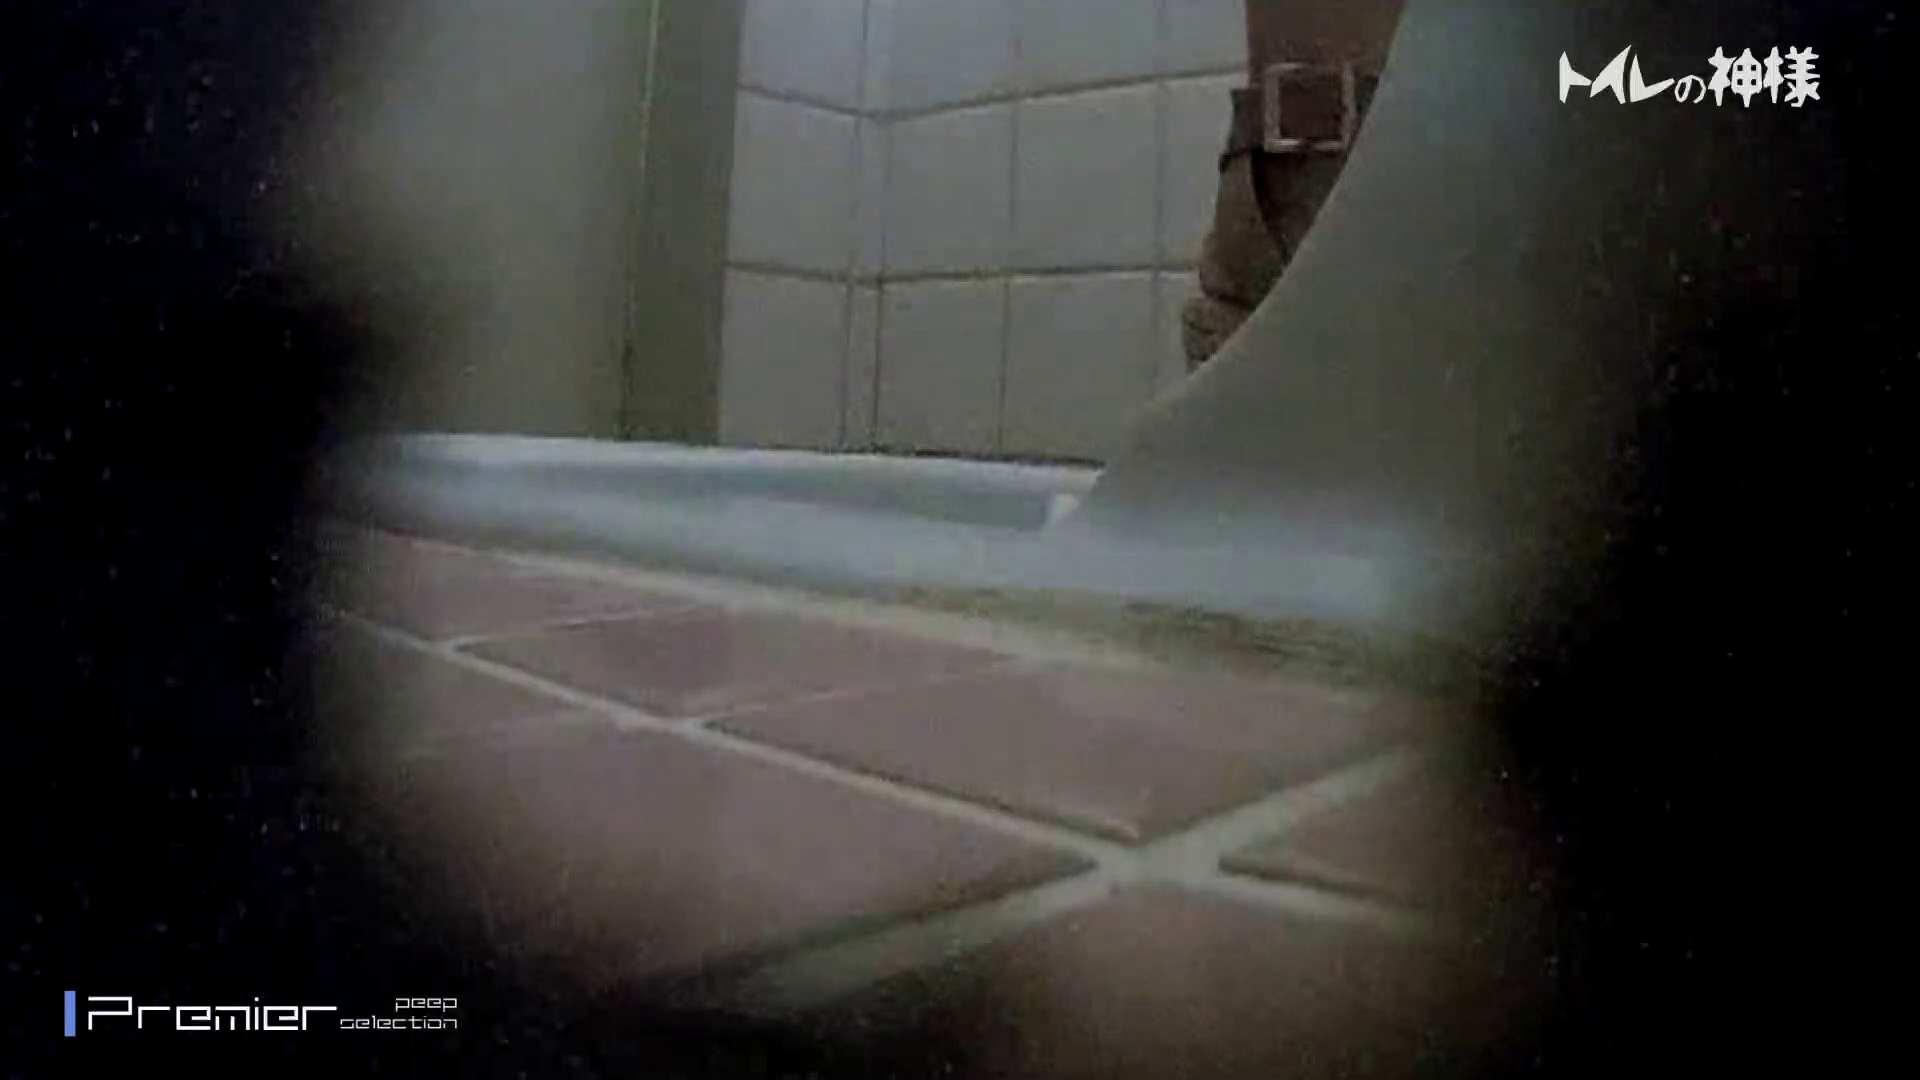 kyouko排泄 うんこをたくさん集めました。トイレの神様 Vol.14 OL   リアルすぎる排泄  83連発 60